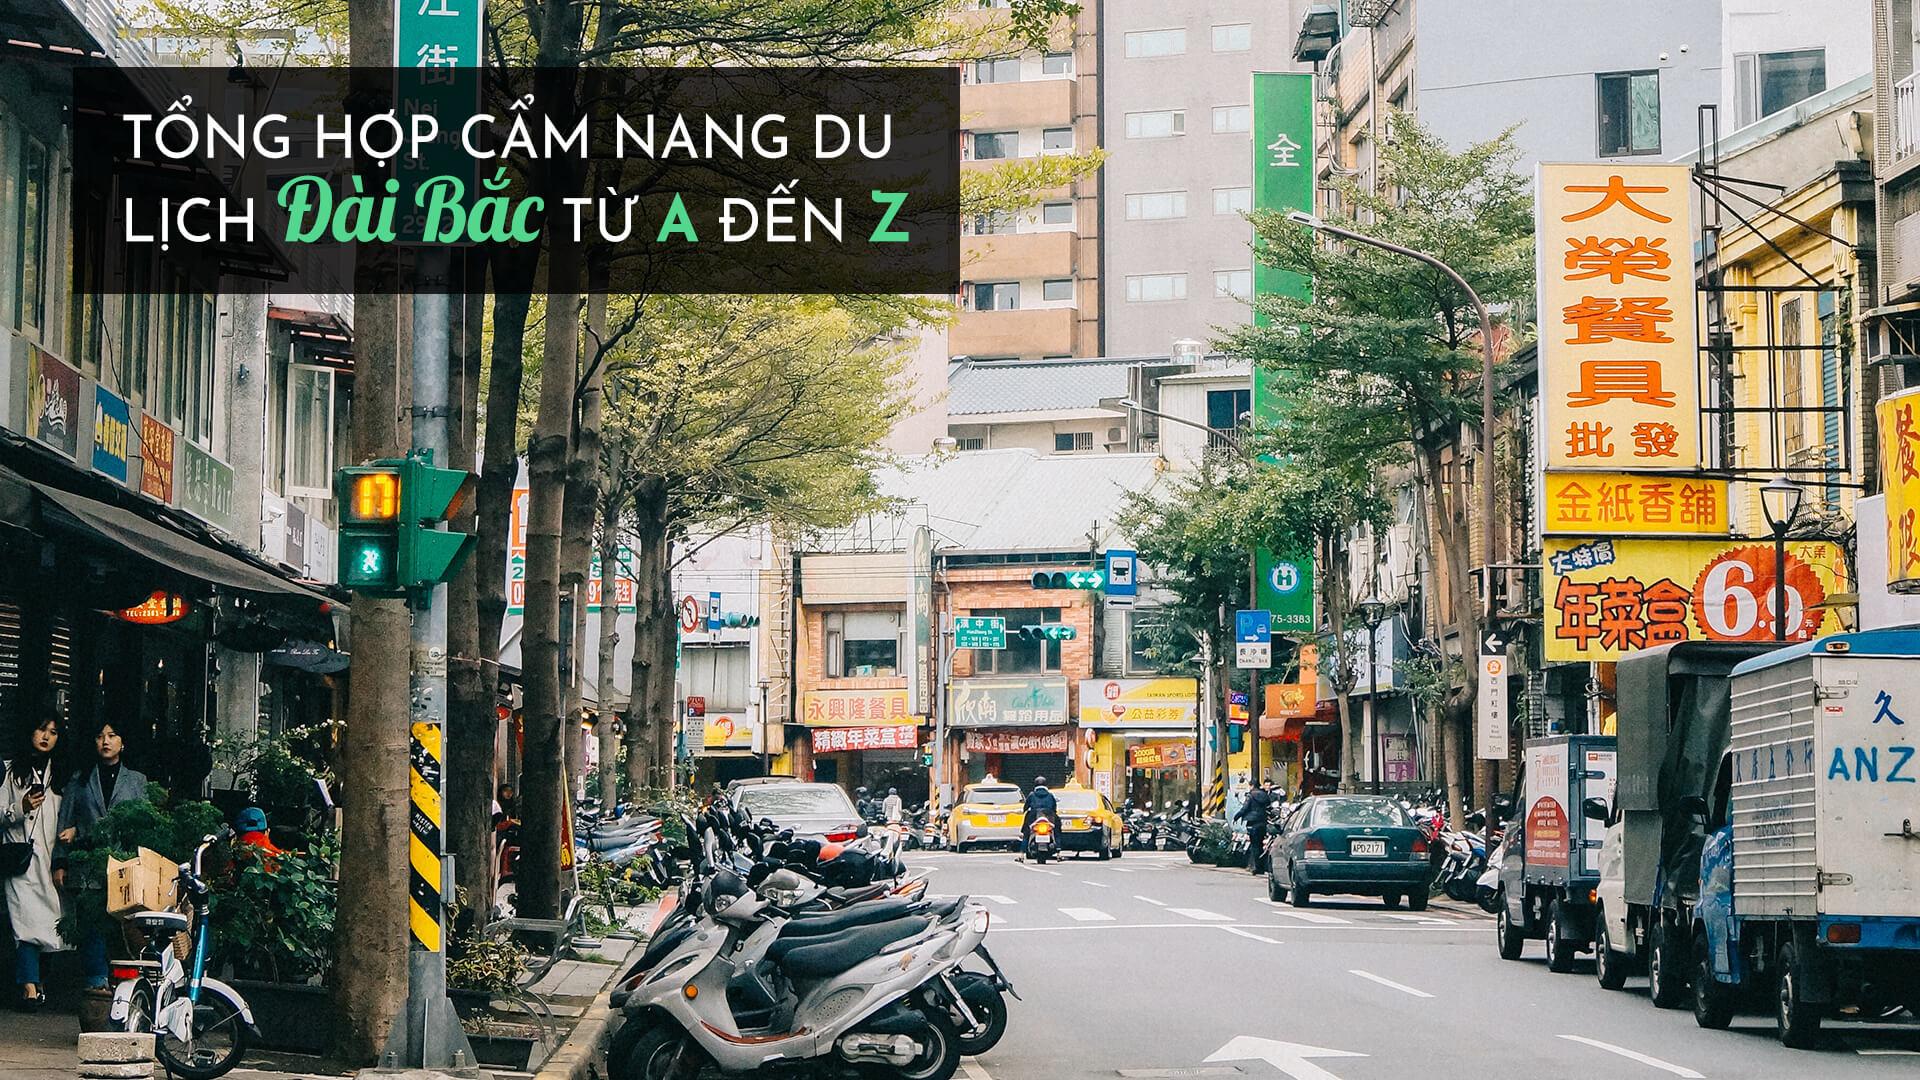 Tổng hợp cẩm nang du lịch Đài Bắc từ A đến Z